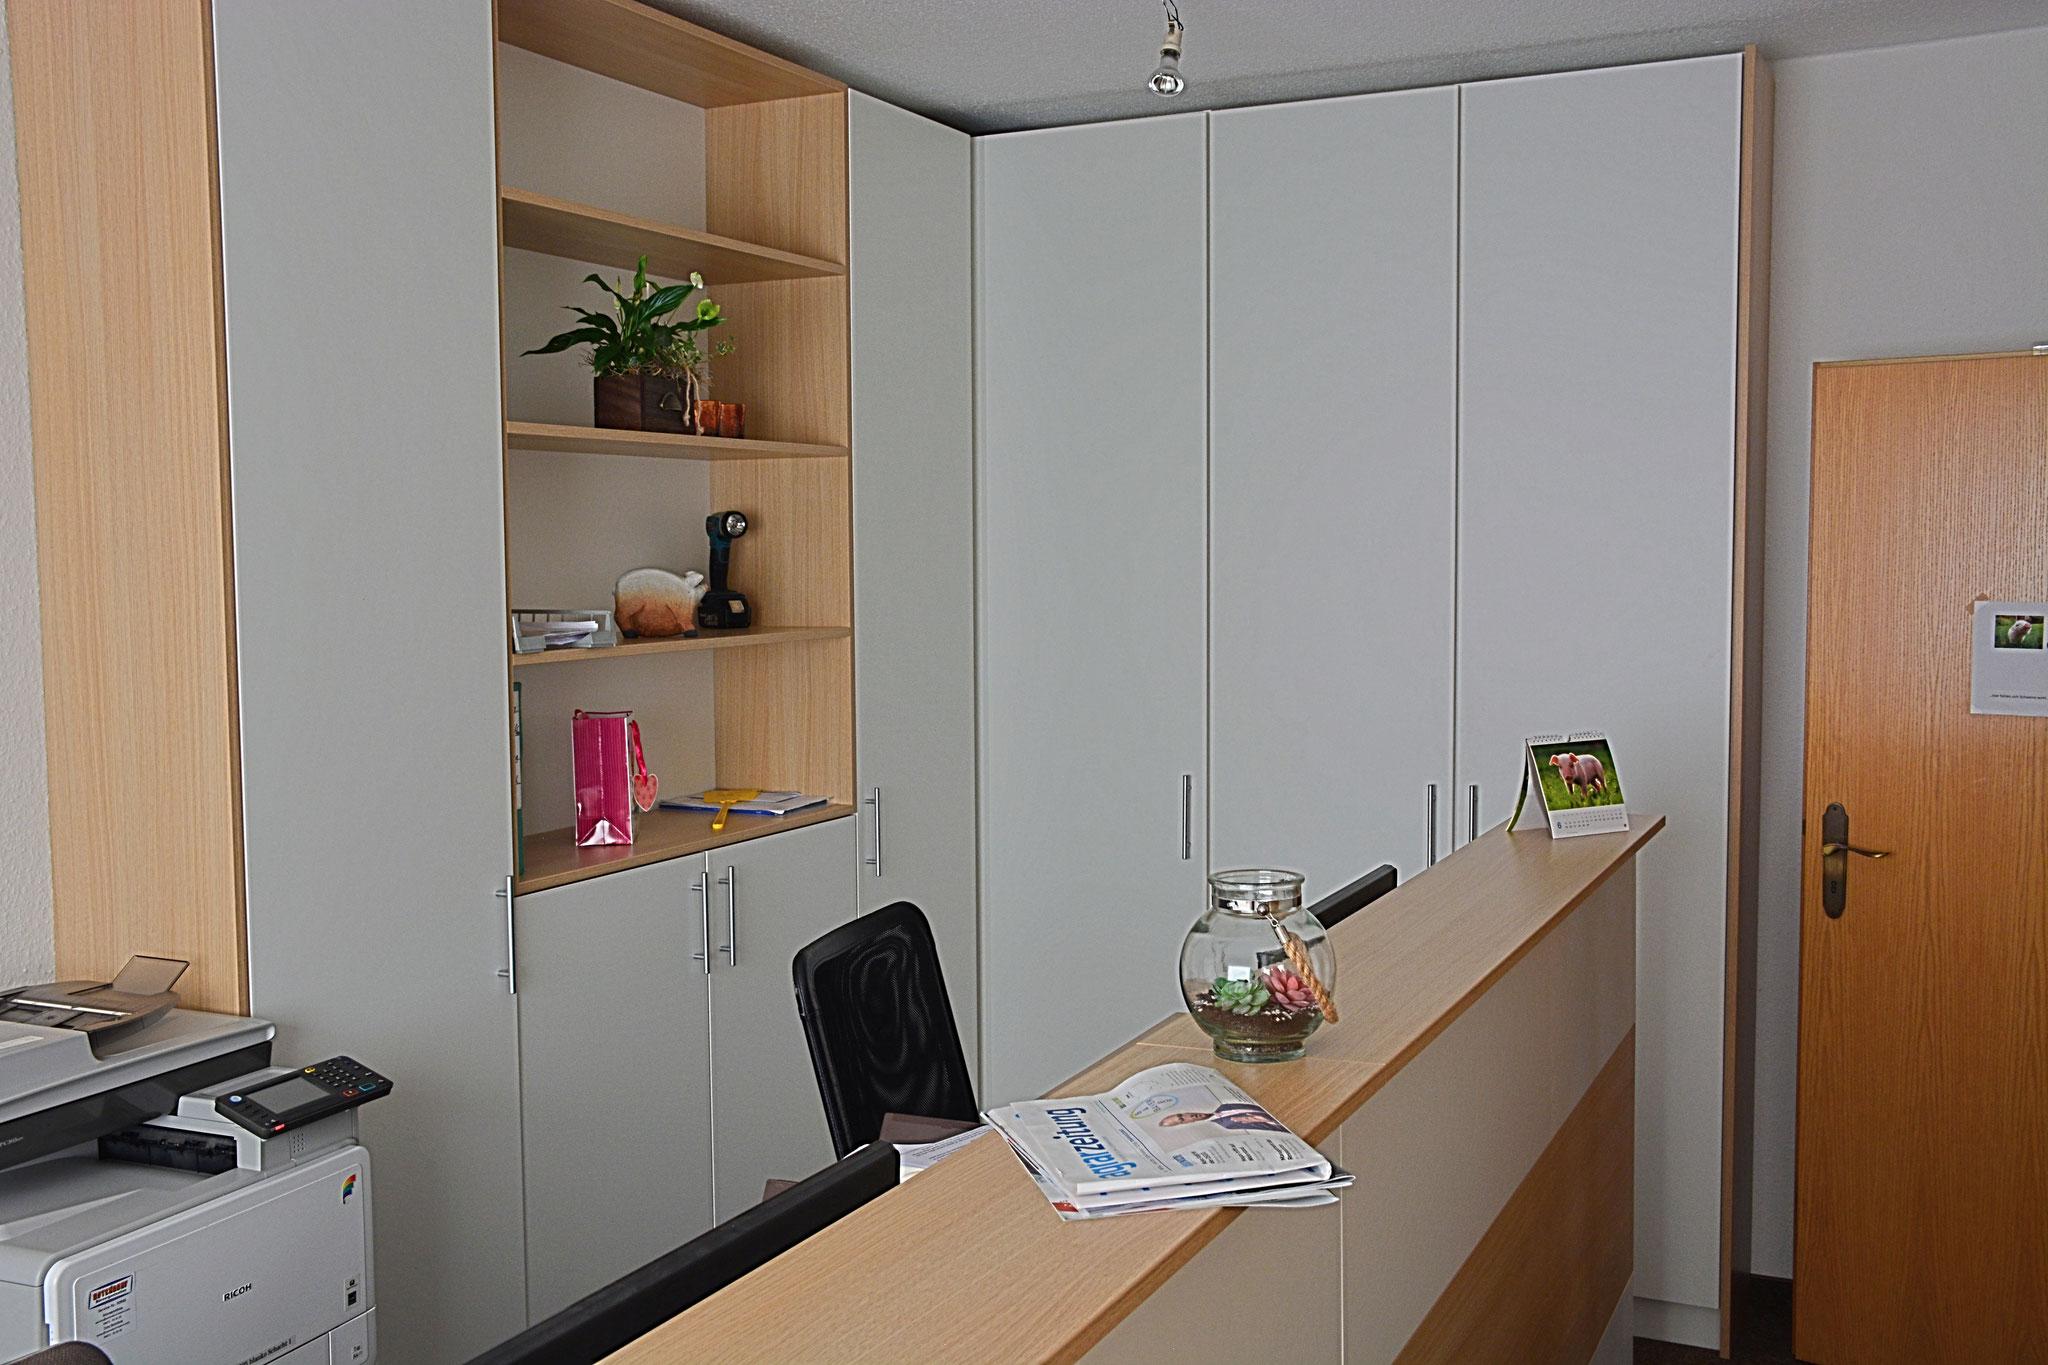 Büroeinrichtung in Weiß umd Eichendekor - Platz schaffen auf engstem Raum